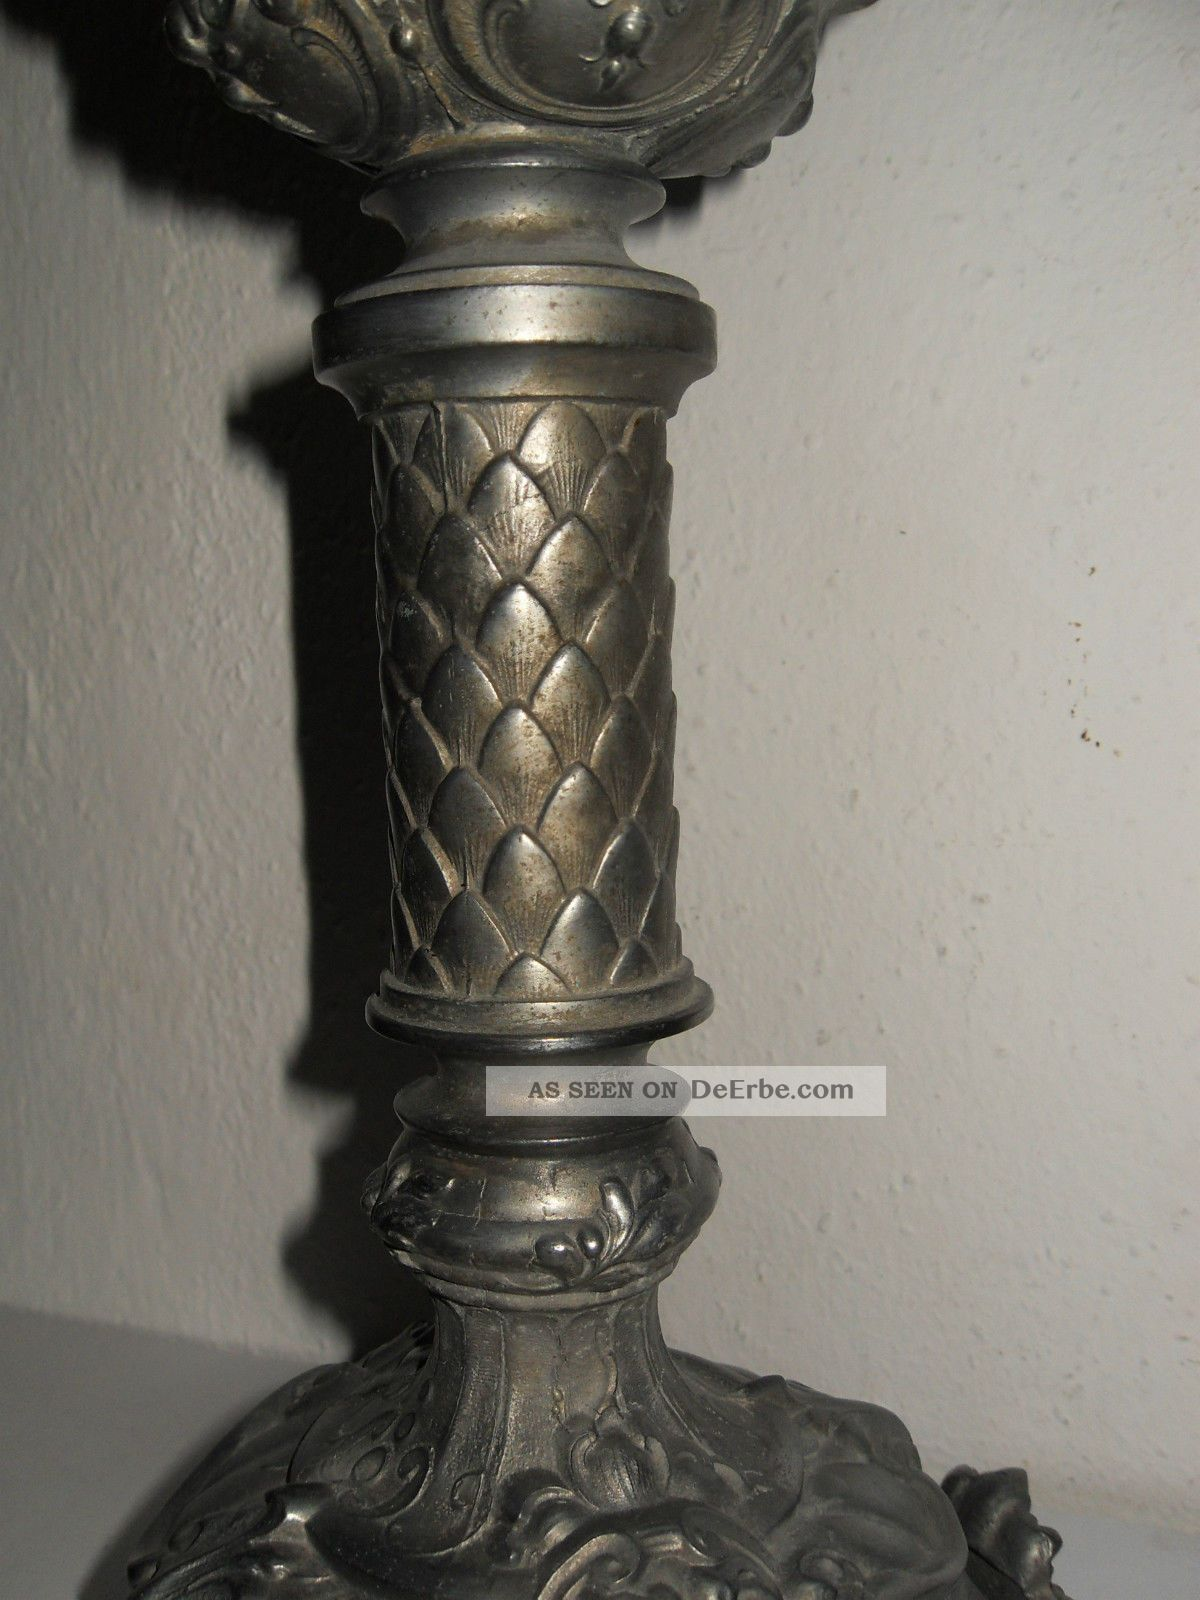 Alte Petroleum Tisch Lampe, Zinkguss, Grüner Schirm, Messingbrenner Mit  Zylinder